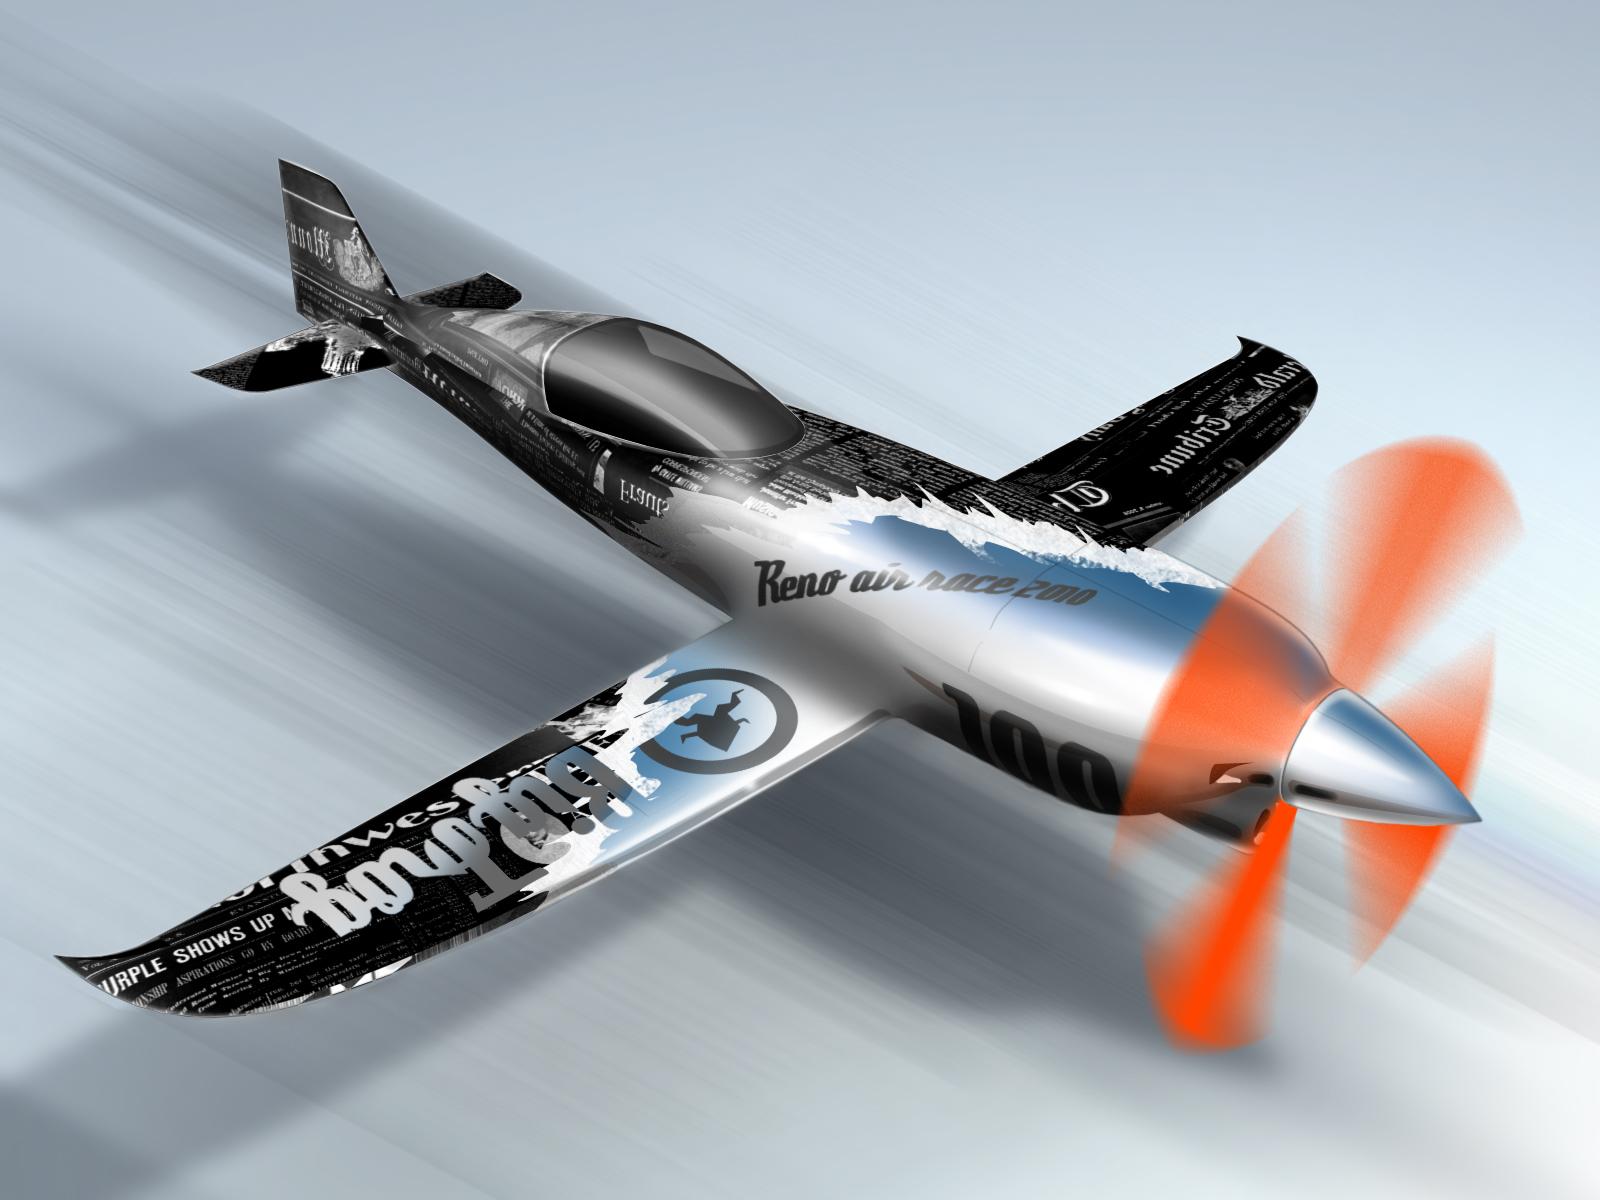 http://4.bp.blogspot.com/_koLlmU4Dbm8/TDSmKBNF3gI/AAAAAAAAAEg/ij4E_FEta4g/s1600/paper_Plane_3copie.jpg